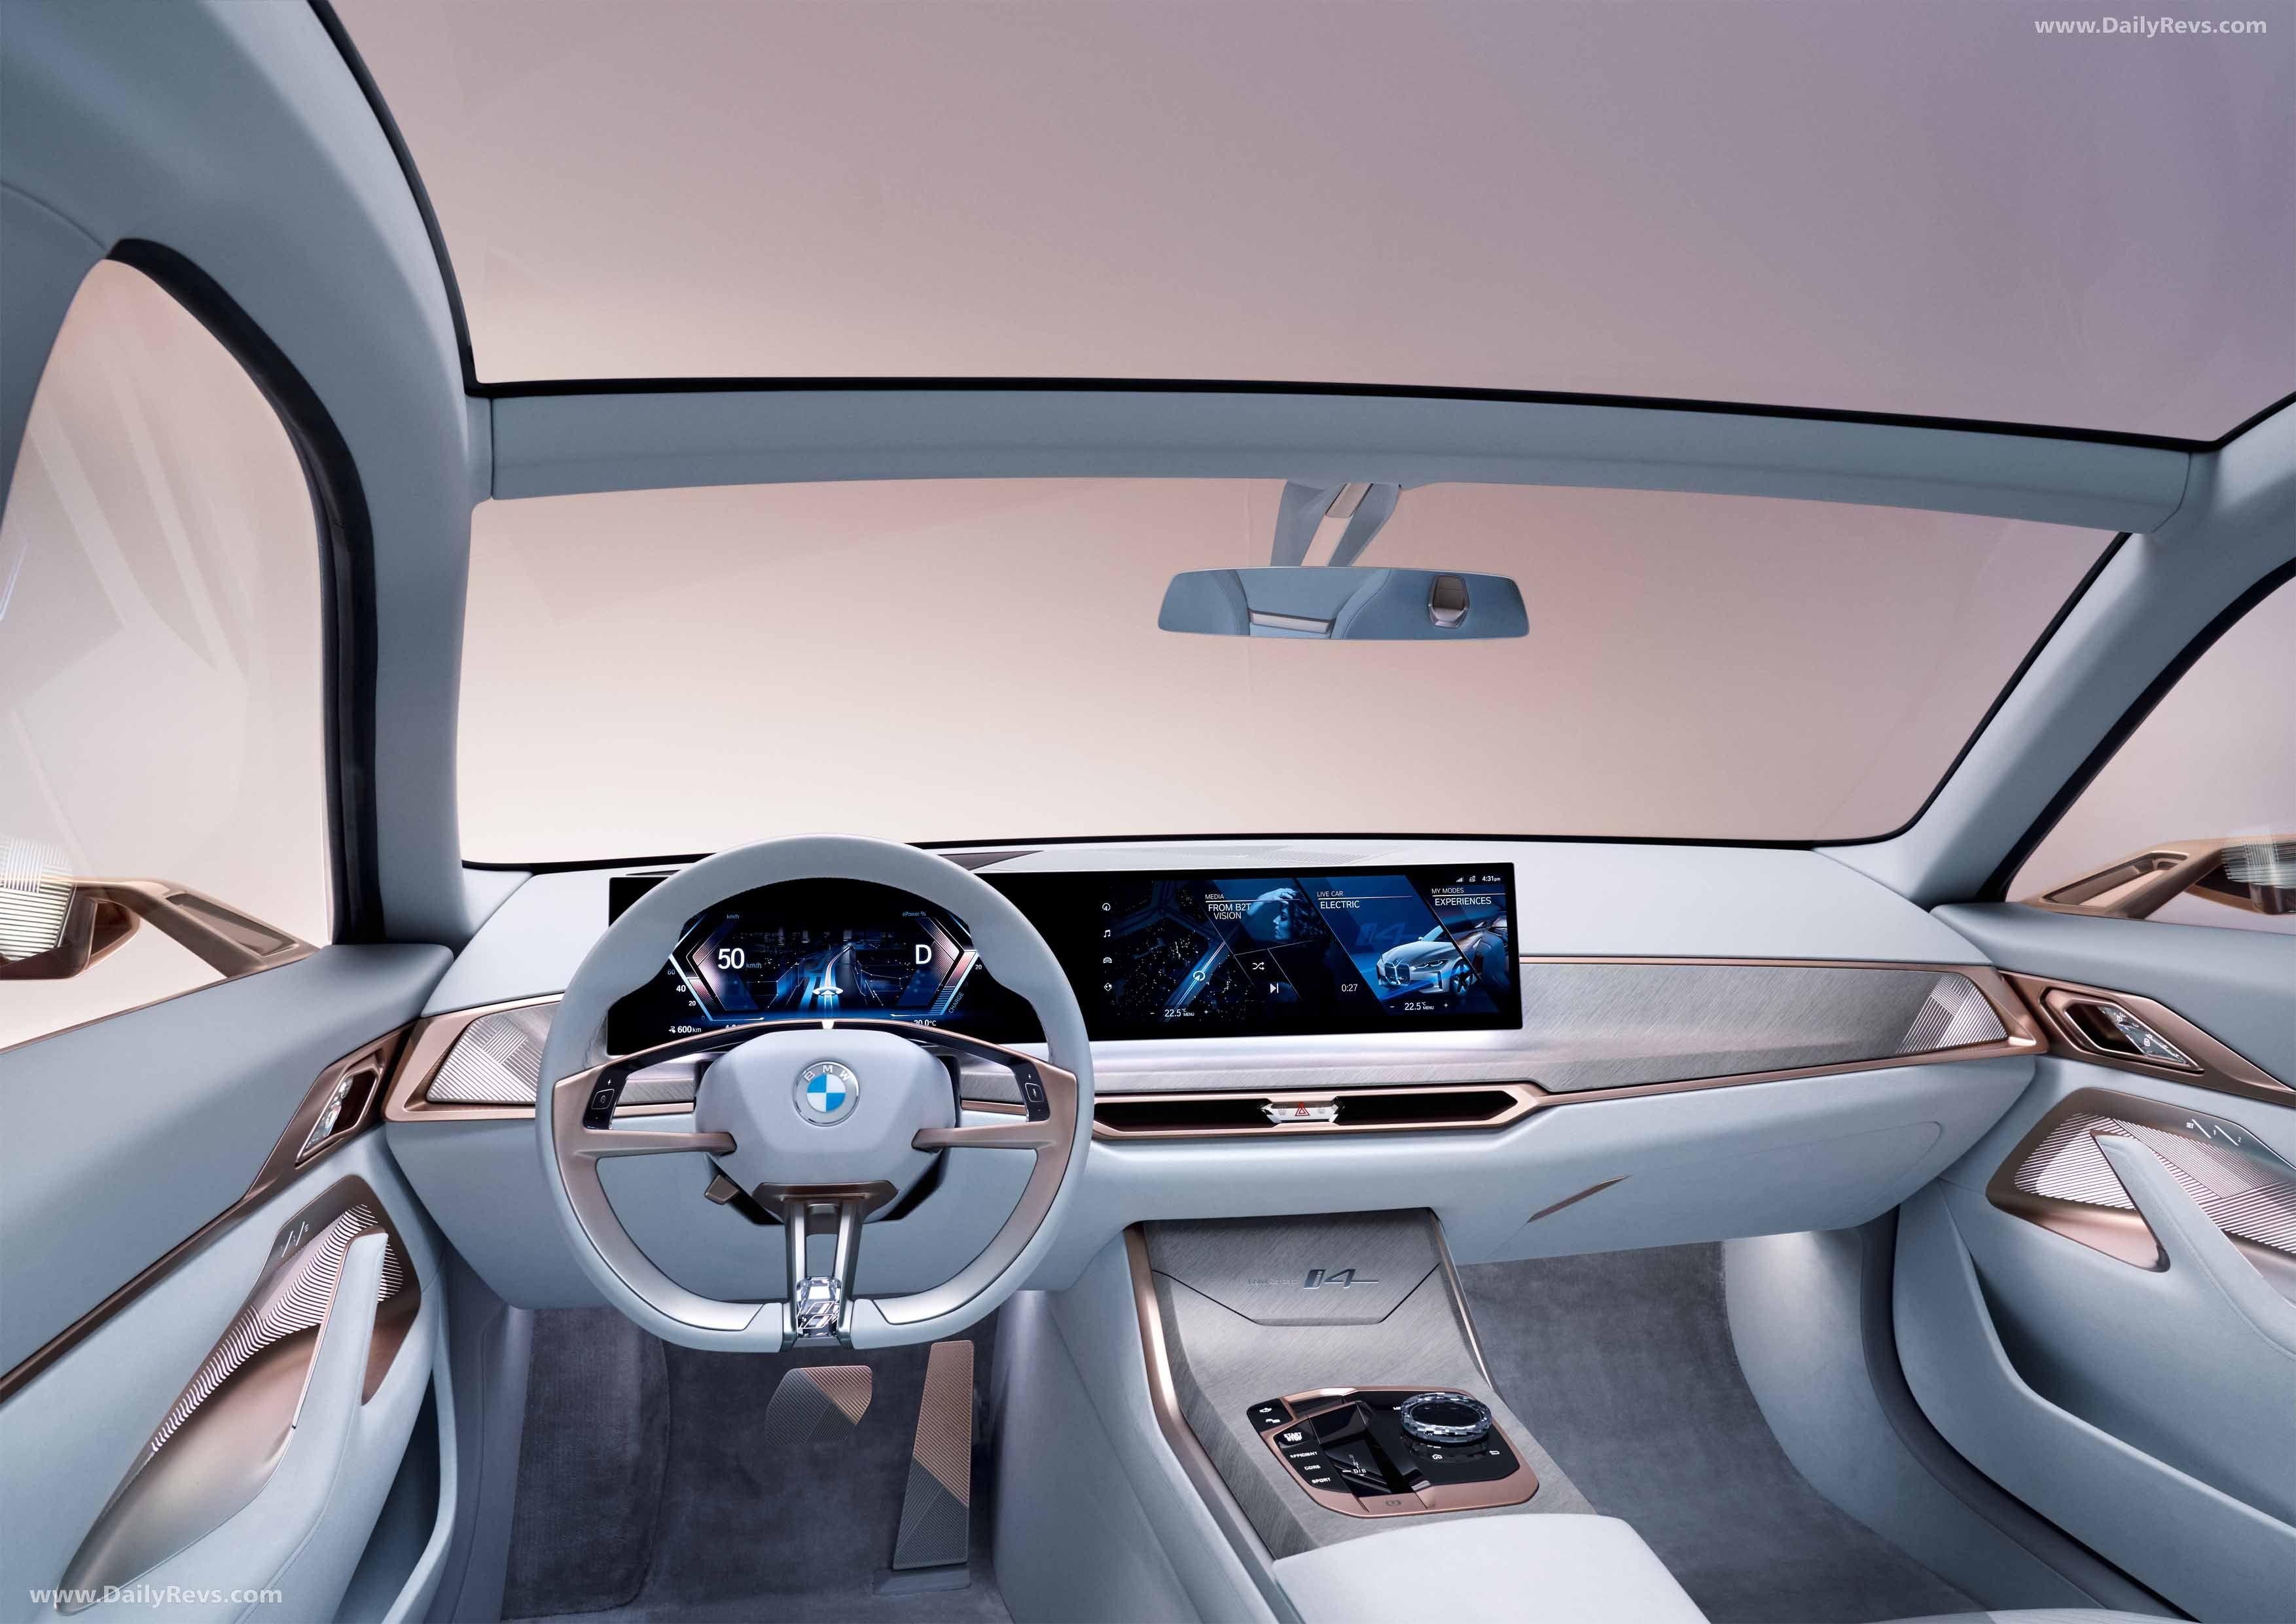 2020 Bmw I4 Concept Dailyrevs Com In 2020 Bmw Concept Bmw Interior Bmw